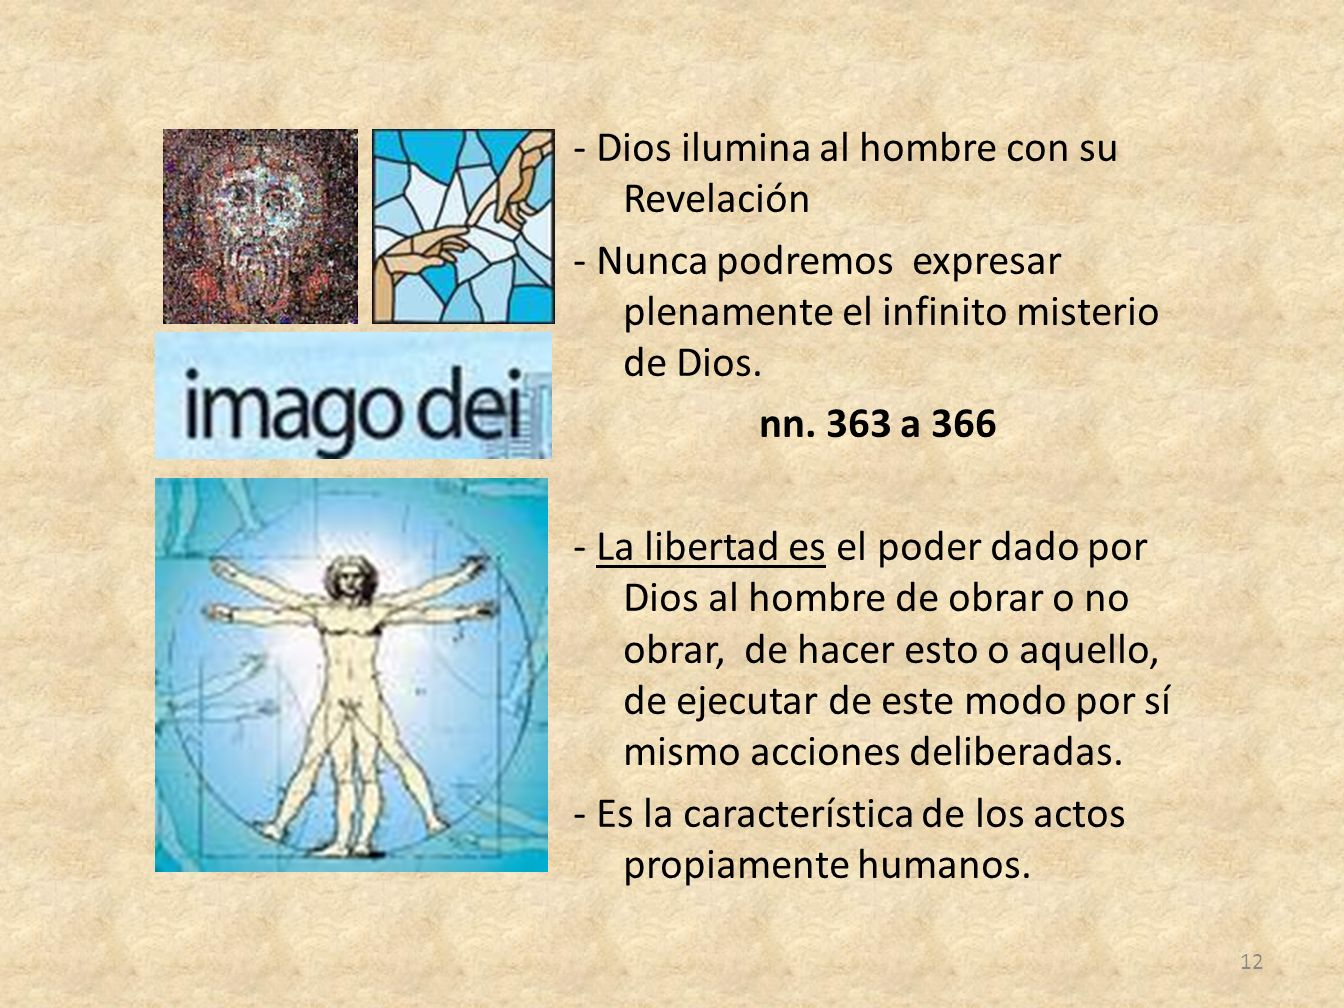 - Dios ilumina al hombre con su Revelación - Nunca podremos expresar plenamente el infinito misterio de Dios. nn. 363 a 366 - La libertad es el poder